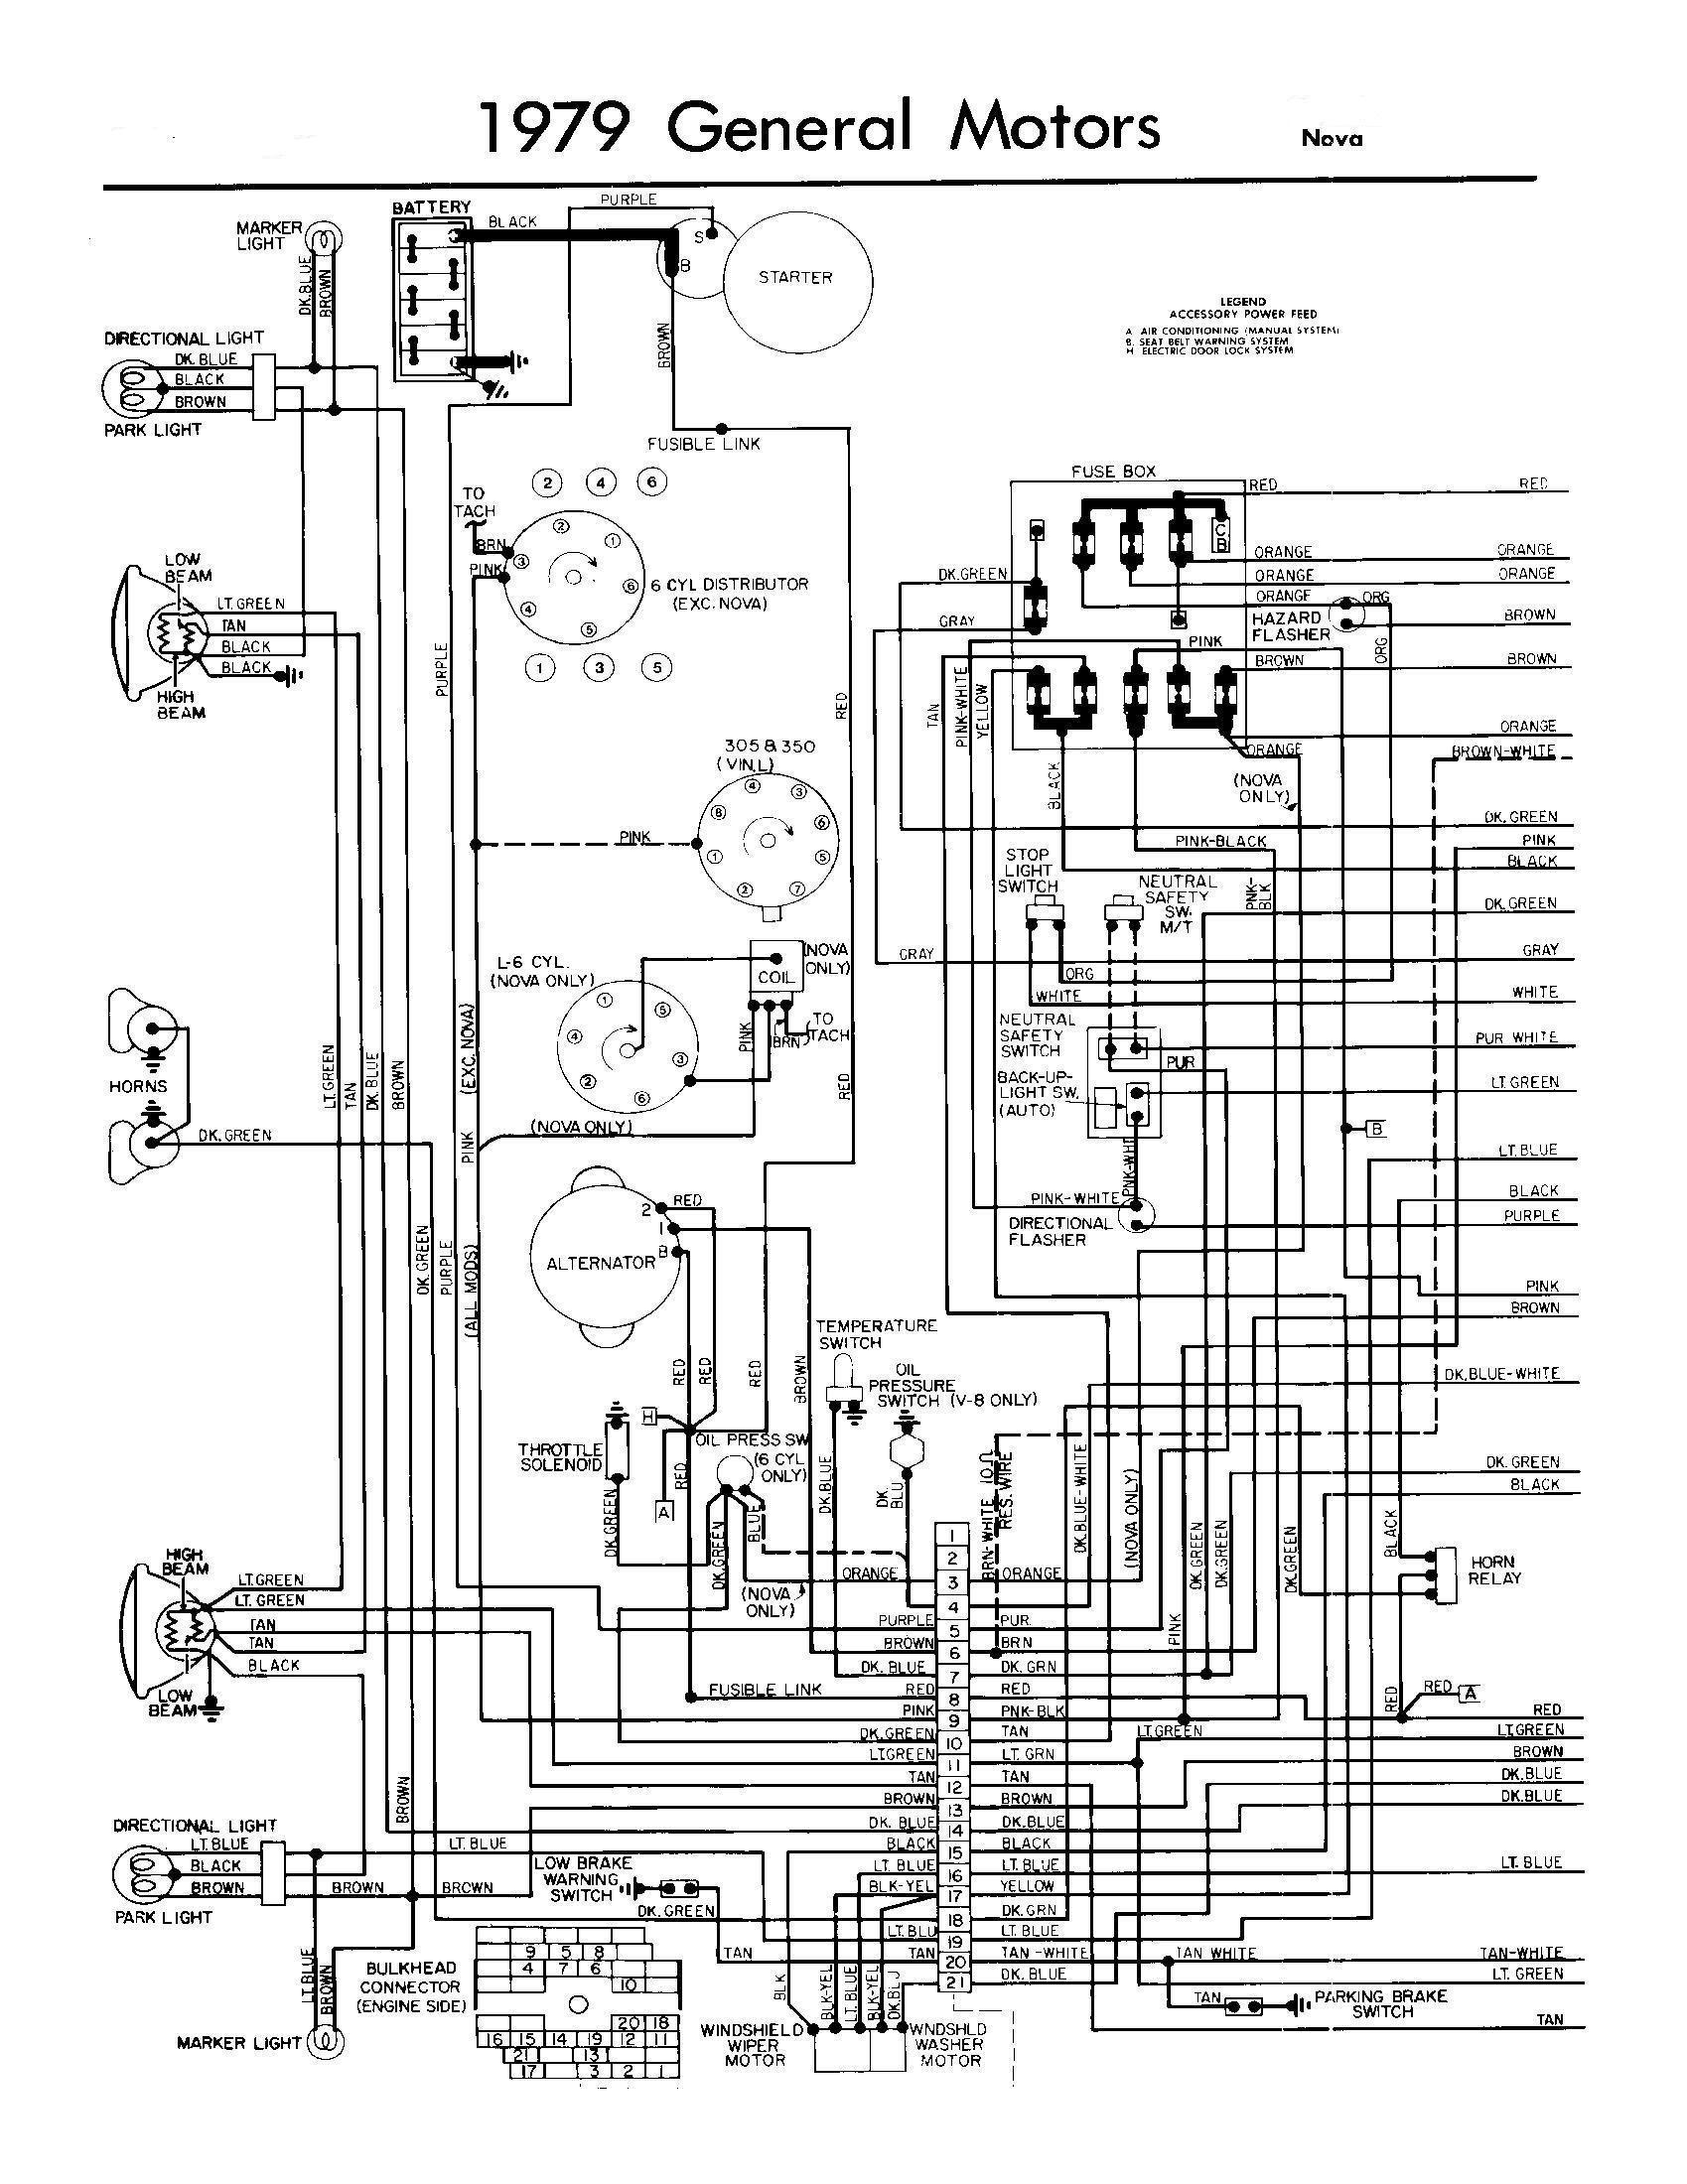 85 Chevy Truck Wiring Diagram All Generation Wiring Schematics Chevy Nova forum